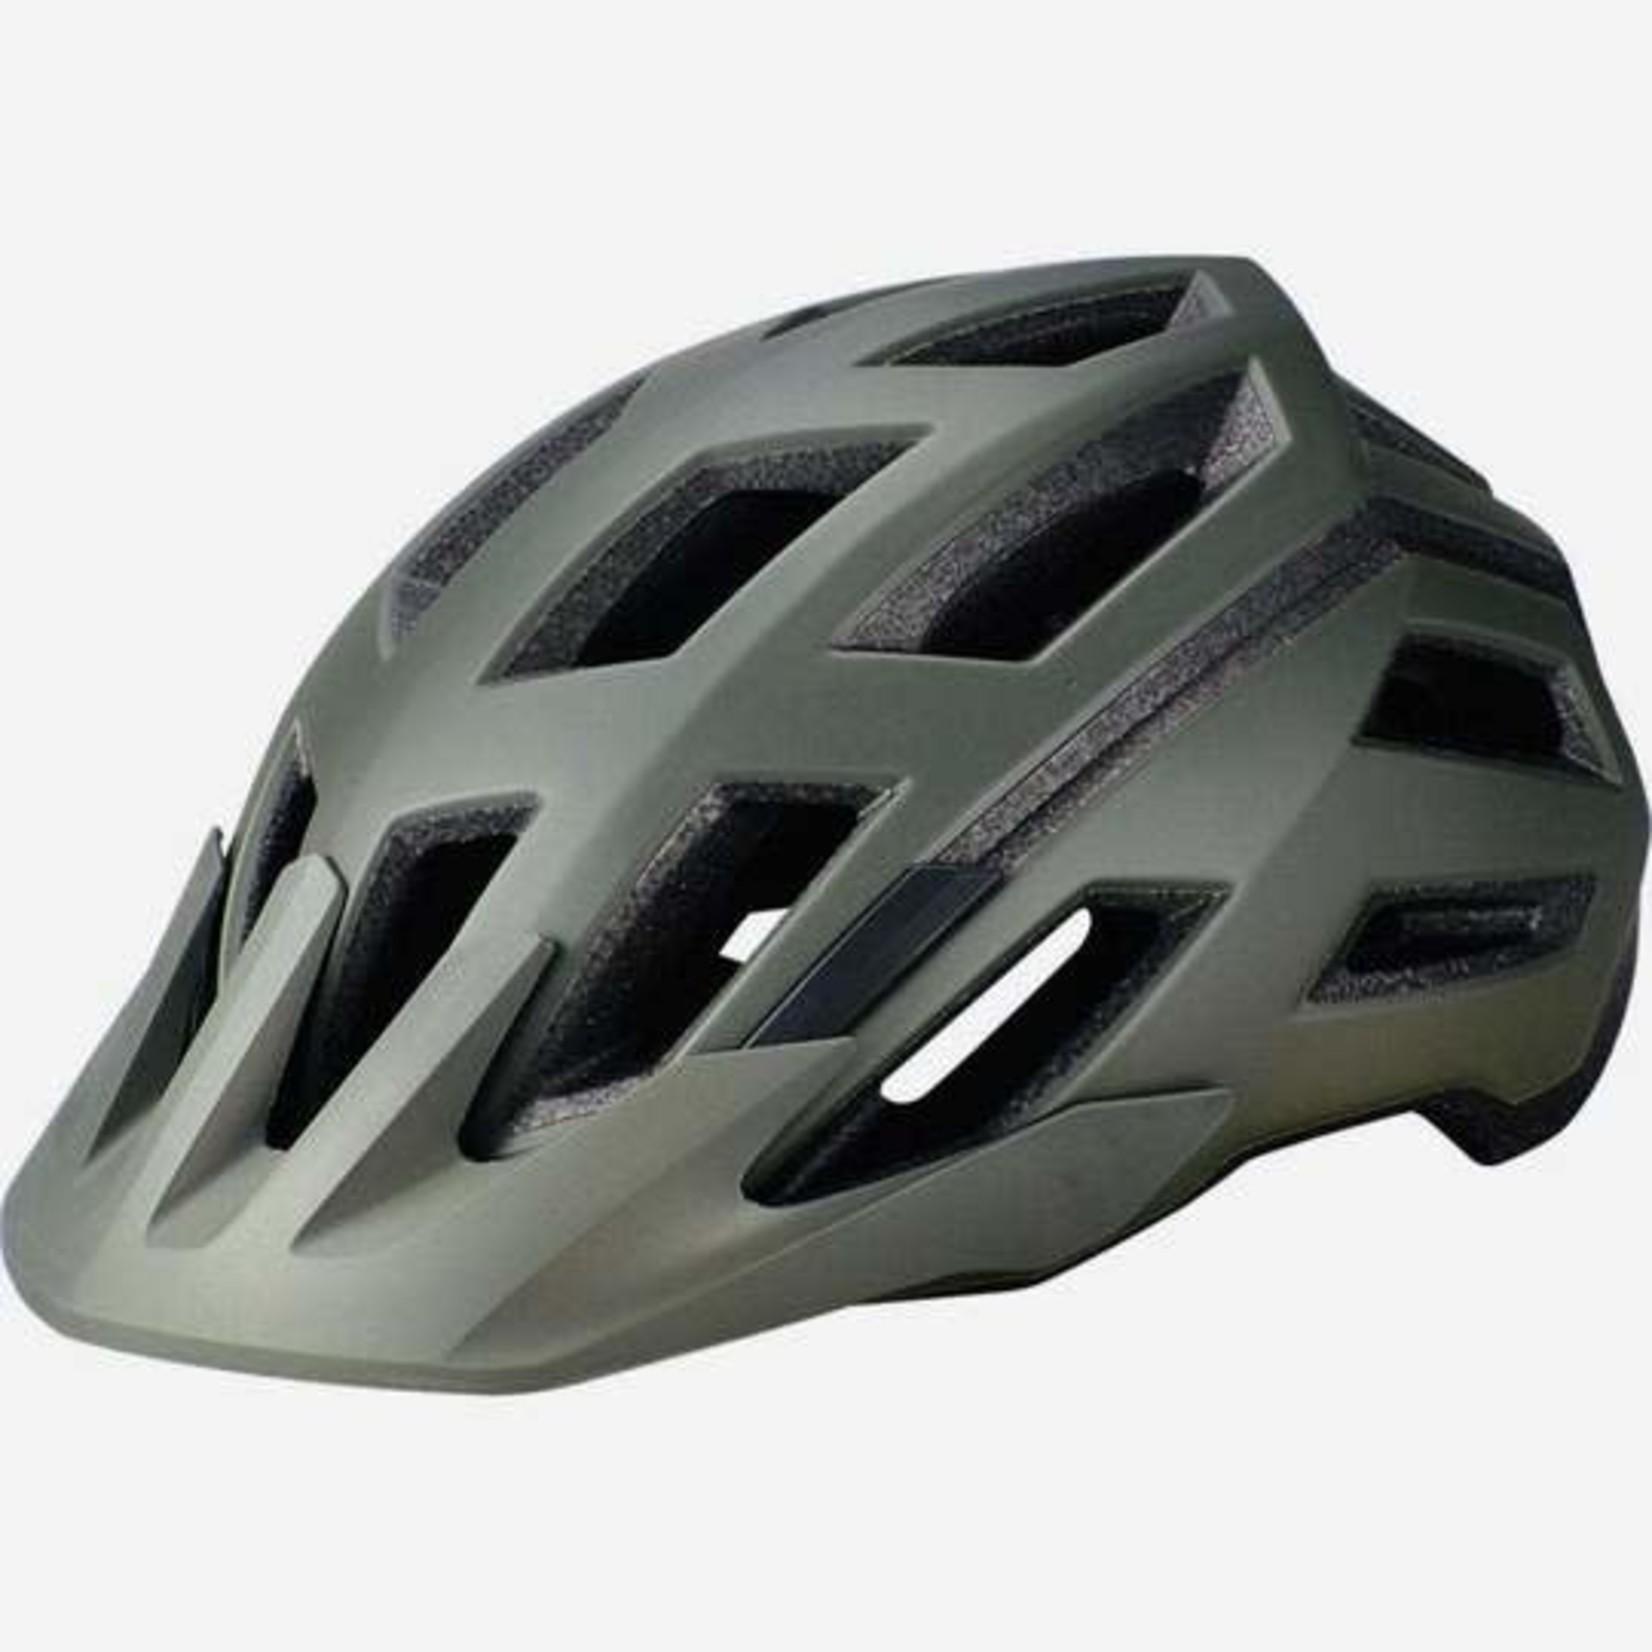 Specialized Specialized Tactic 3 Helmet, Oak Green, S